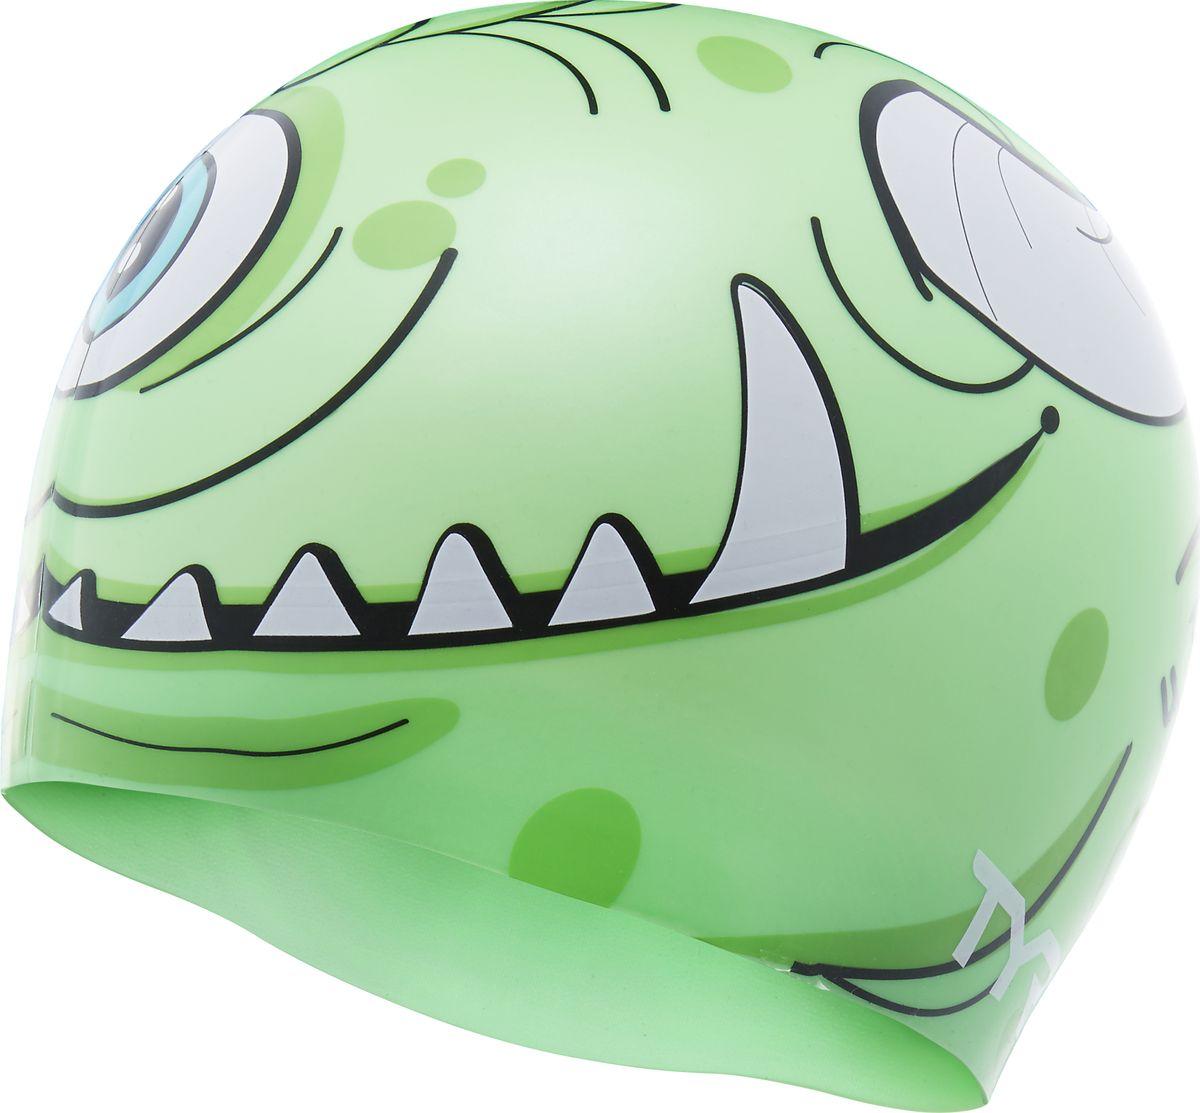 Шапочка для плавания Tyr Monster Swim Cap, цвет: зеленый. LCSMNSTRLCSMNSTRСиликоновая шапочка TYR с принтом изготовлена из высококачественного материала, устойчивого к воздействию хлорированной воды, что гарантирует долгий срок службы. Материал шапочки не вызывает раздражения кожи и других аллергических реакций. Прекрасный вариант для тренировок в бассейне.